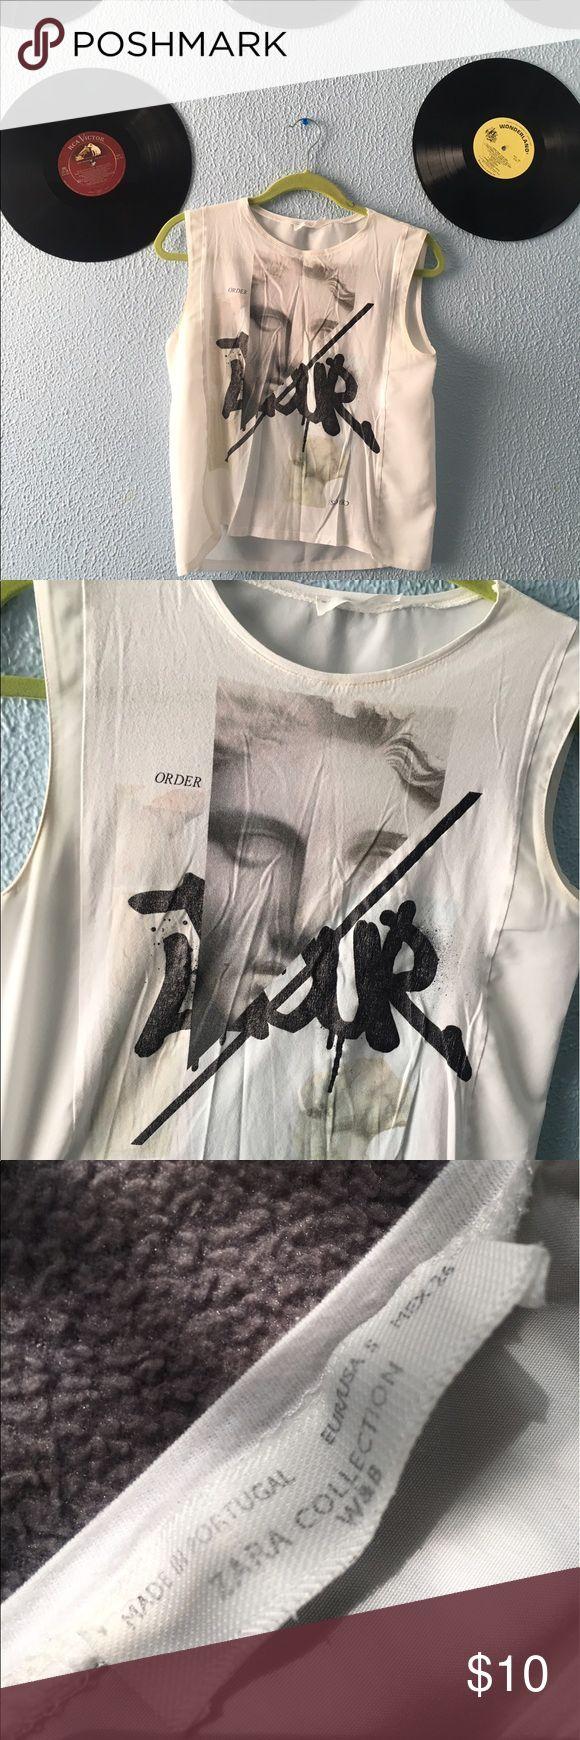 ZARA TShirt Zara TShirt with logo, distressed. Zara Tops Tees - Short Sleeve